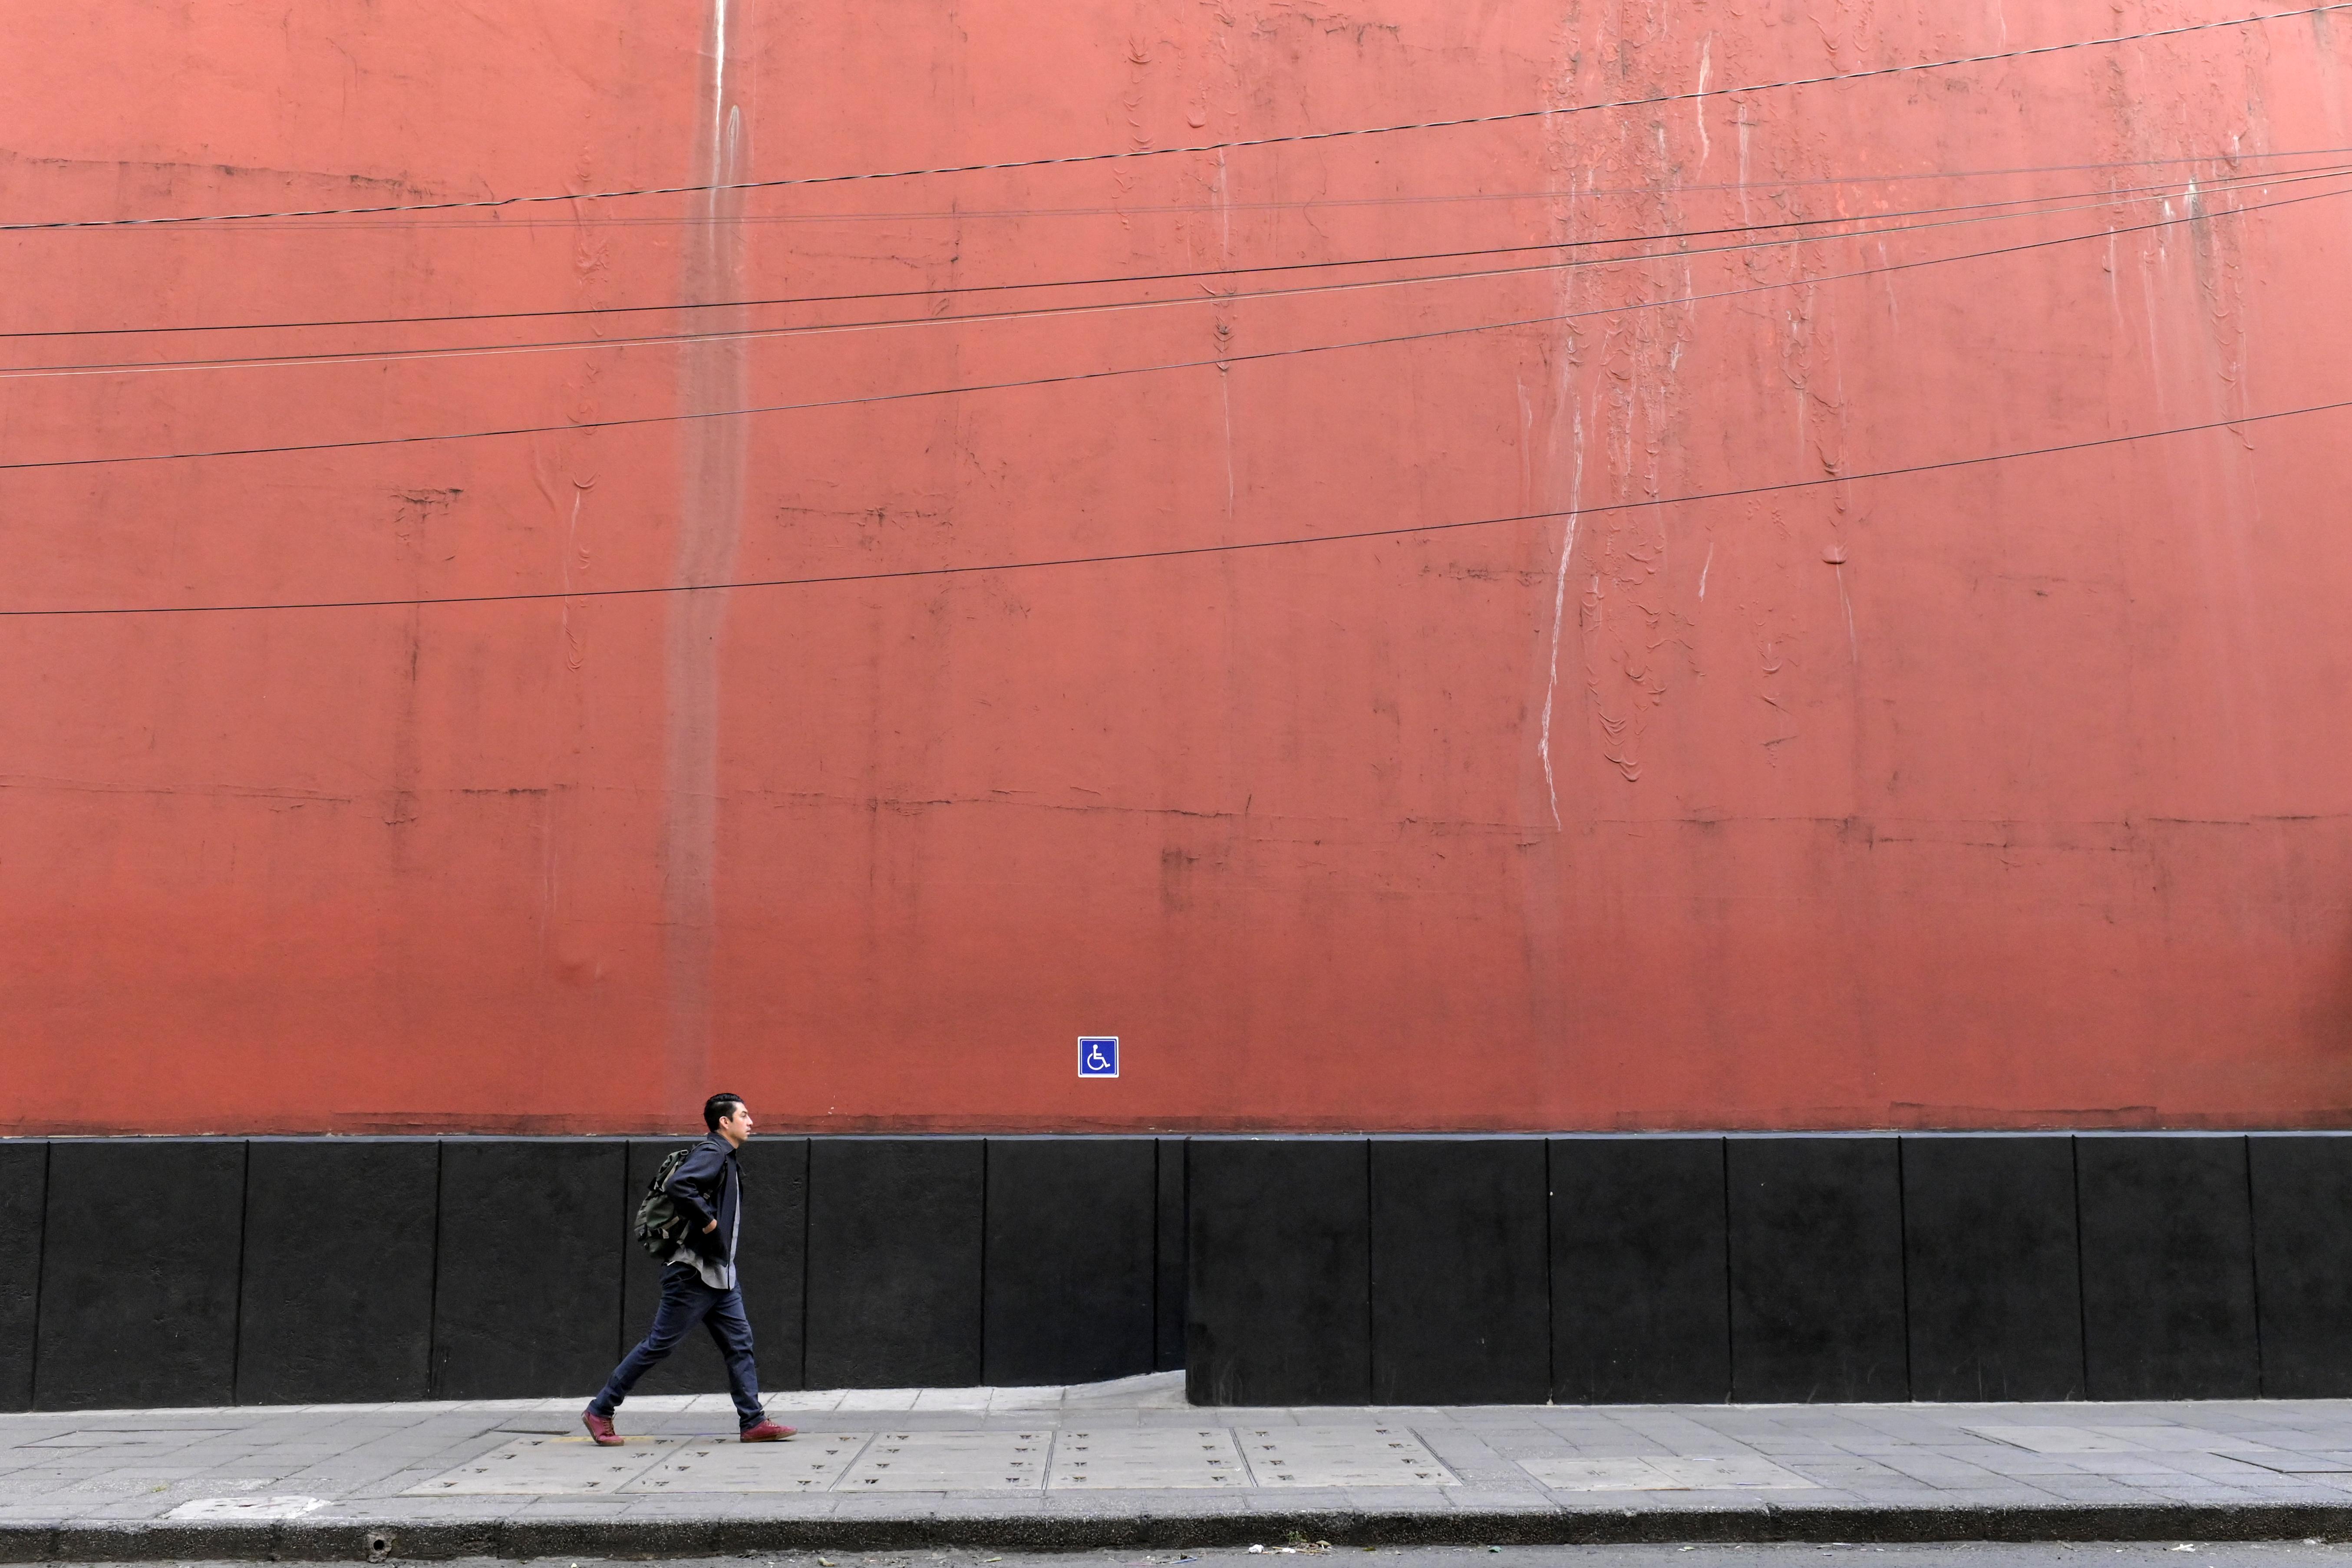 Un hombre camina por una calle en la Ciudad de México el 31 de marzo de 2020, durante el brote del nuevo coronavirus COVID-19.